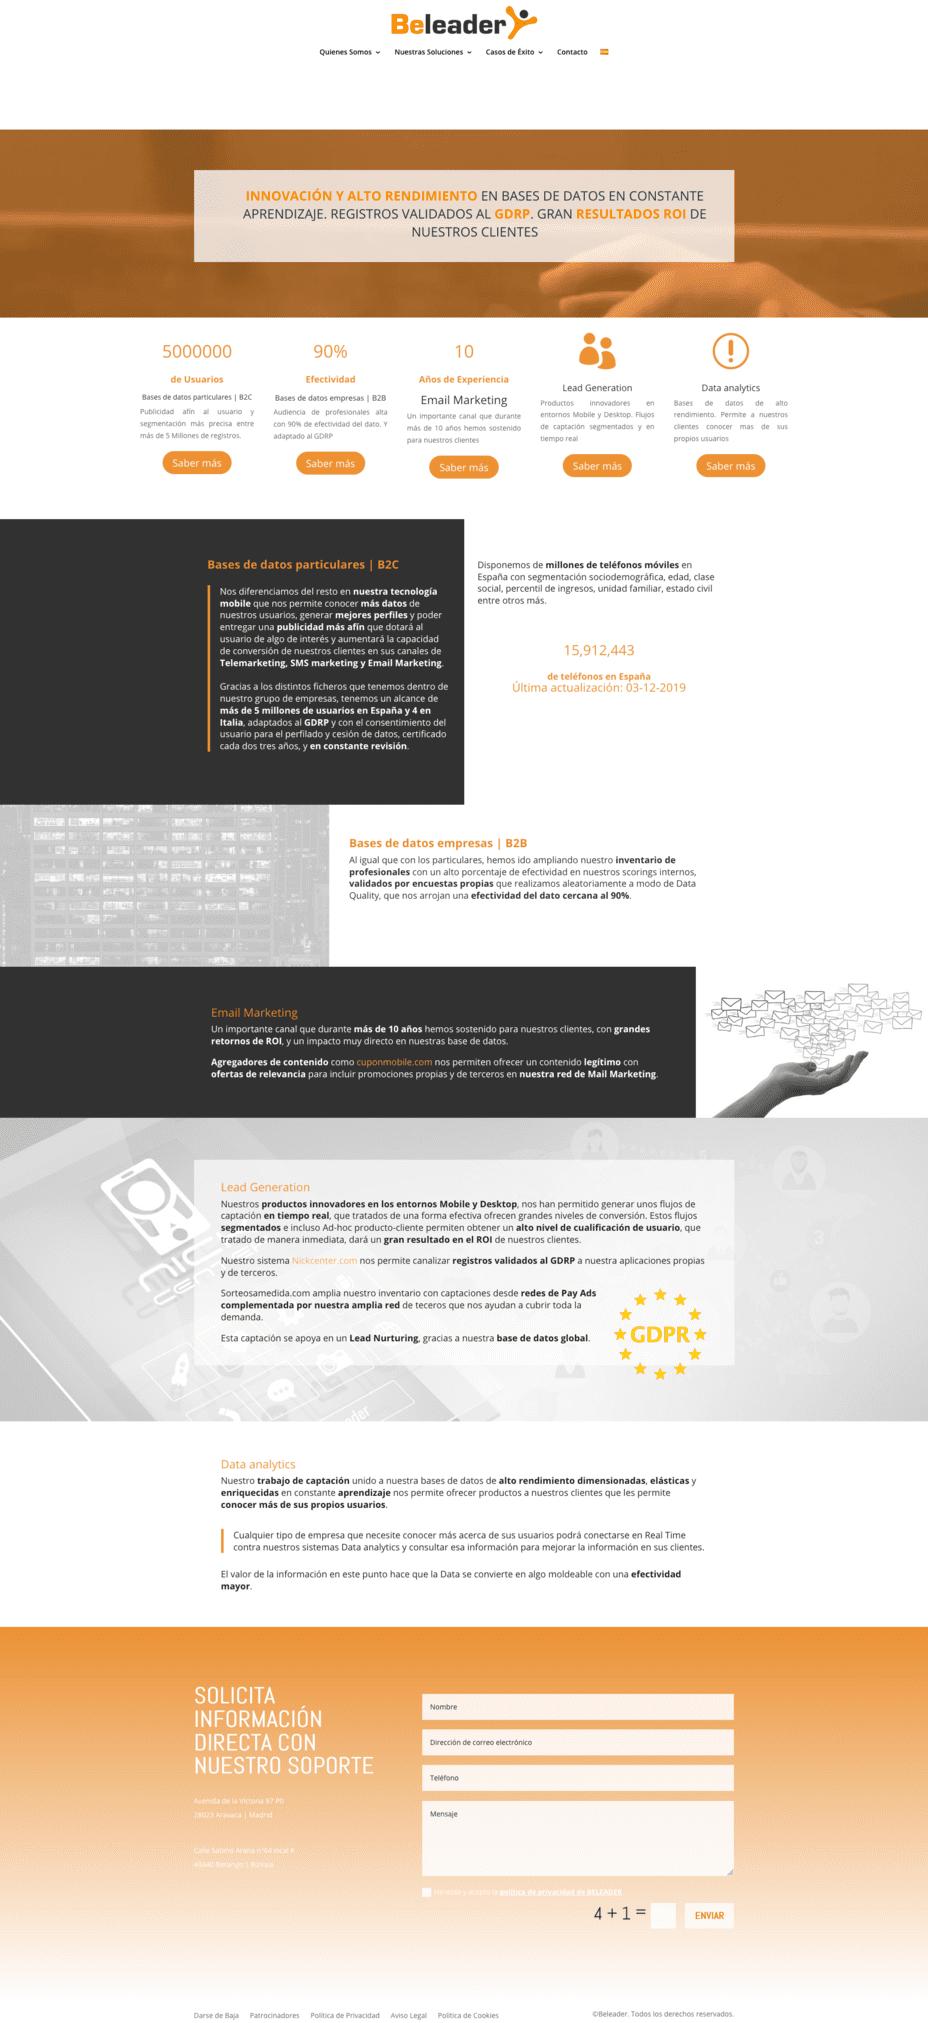 nuestros-servicios-bases-de-datos-mailing-beleader_v2